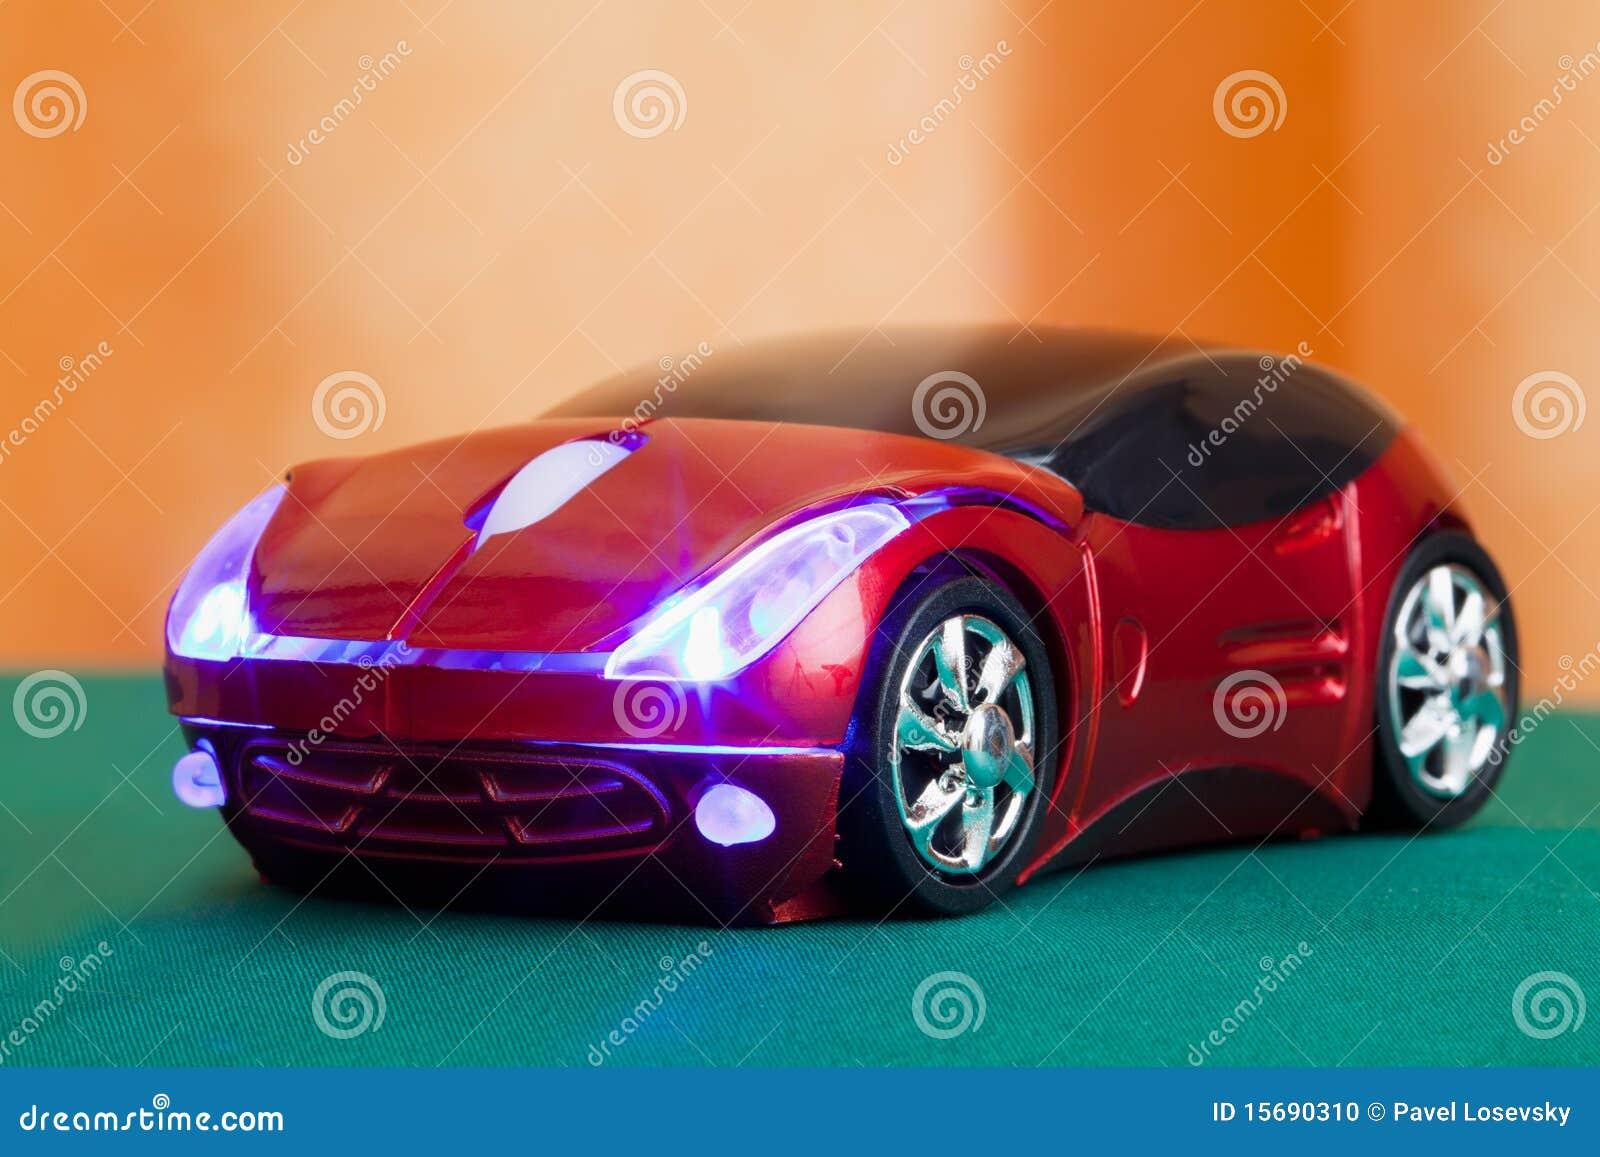 汽车计算机表单鼠标红色体育运动玩&#